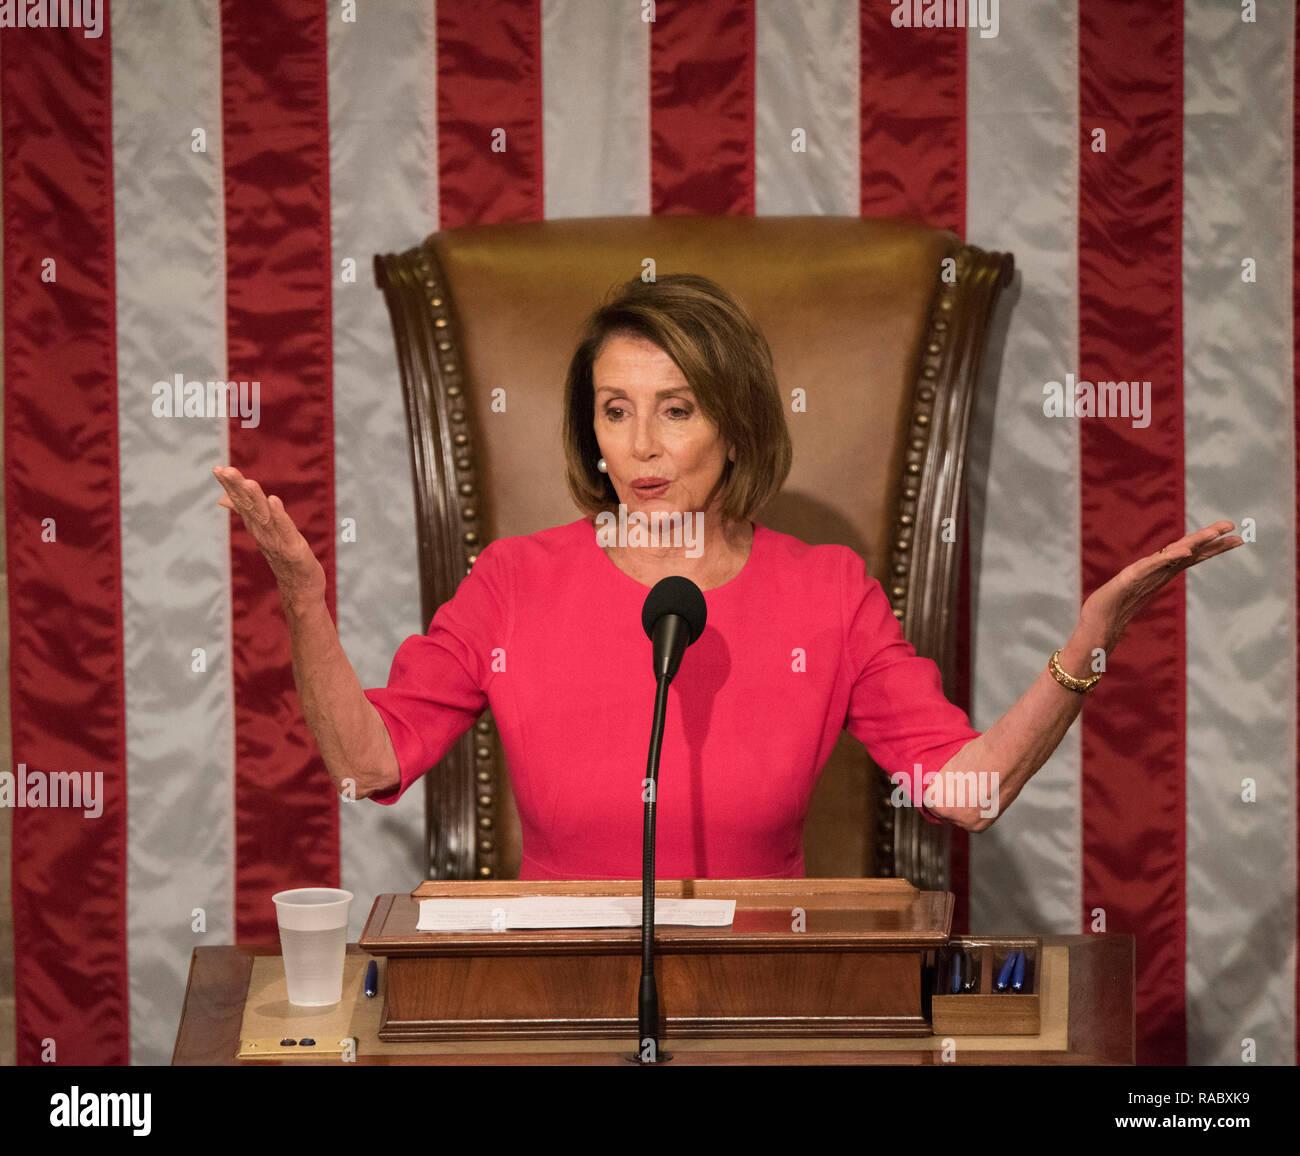 Washington DC, Stati Uniti d'America. 3 gennaio, 2019. Nancy Pelosi, D-CA diventa l'altoparlante della casa dopo aver vinto i voti durante le sessioni di apertura del Congresso 116. Credito: Patsy Lynch/Alamy Live News Immagini Stock